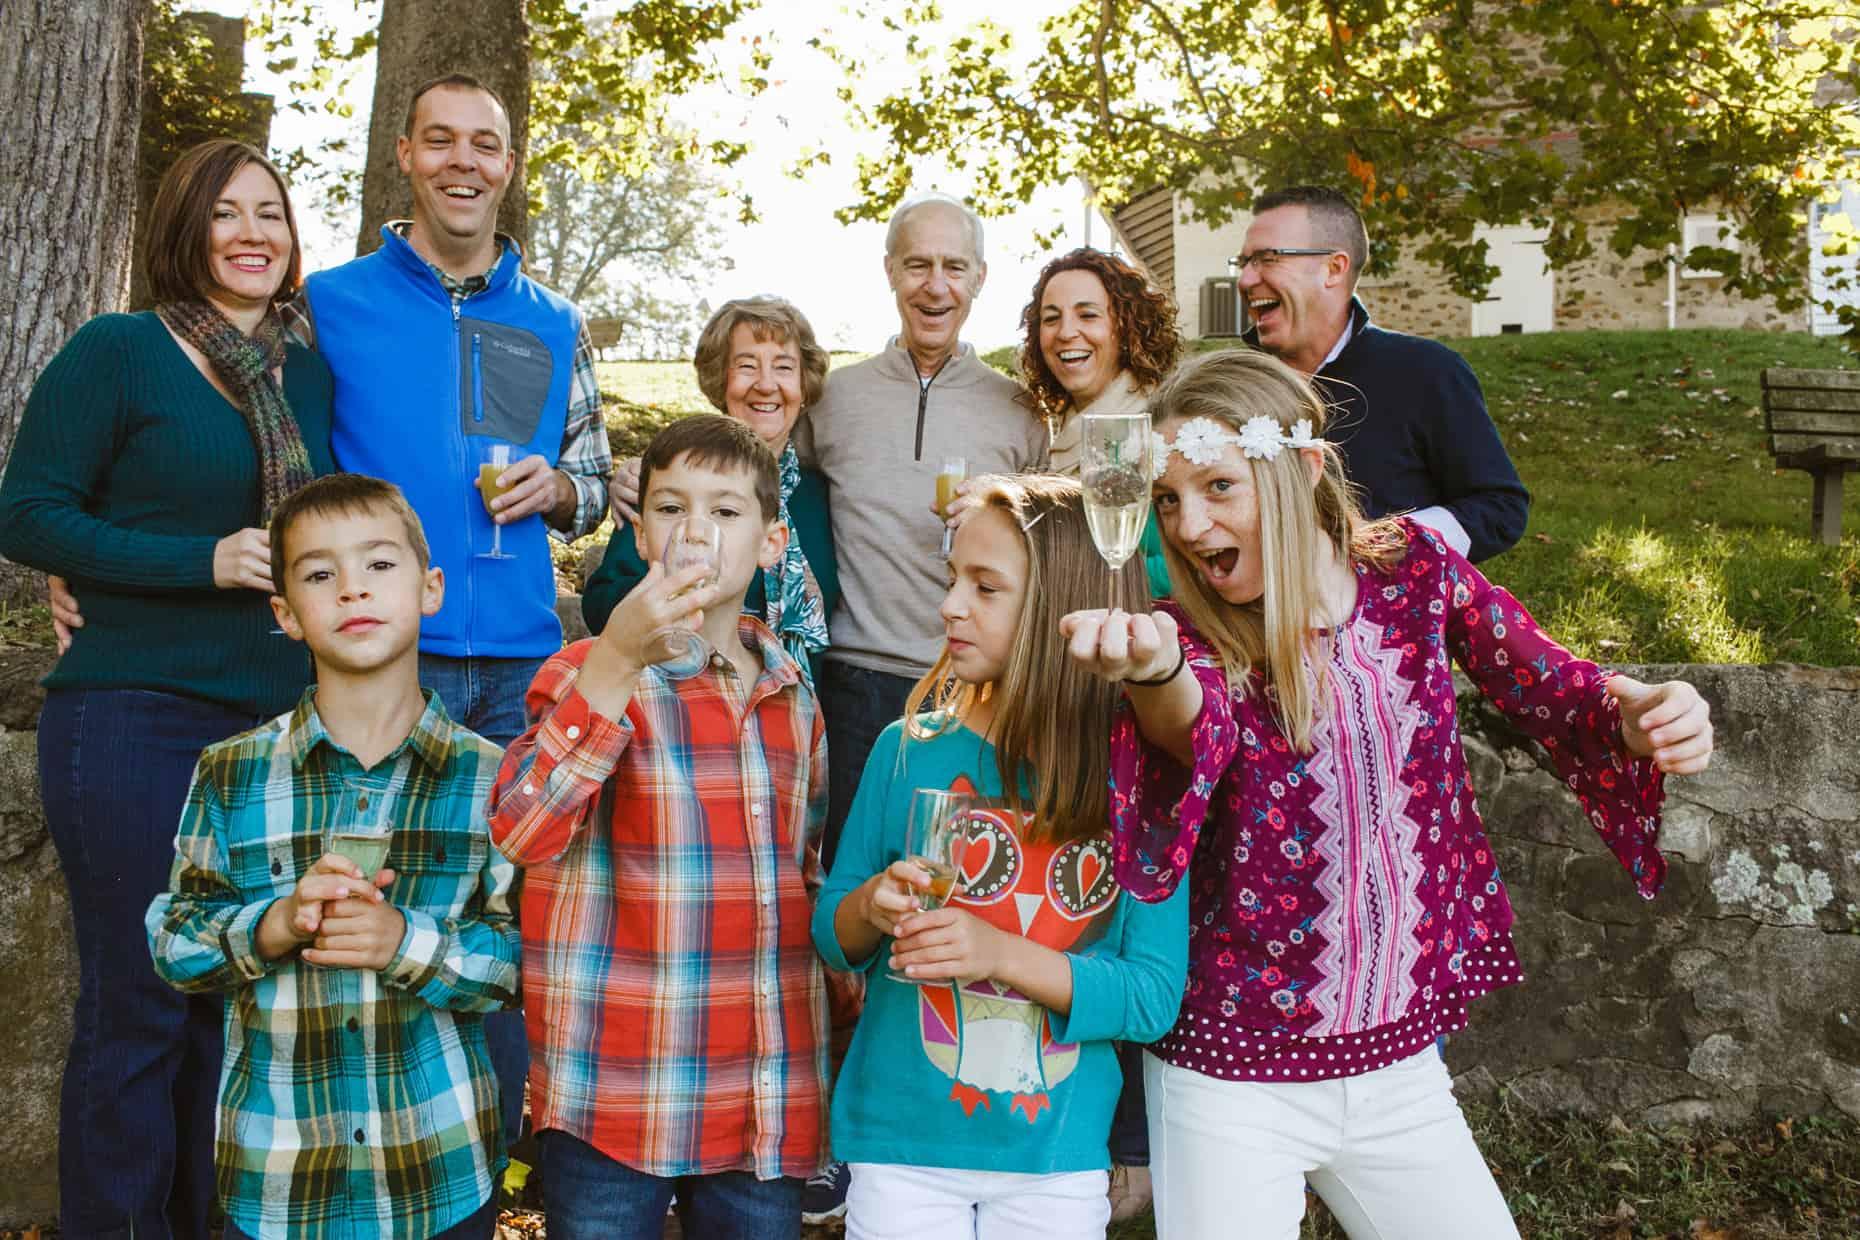 Audubon Family Photography